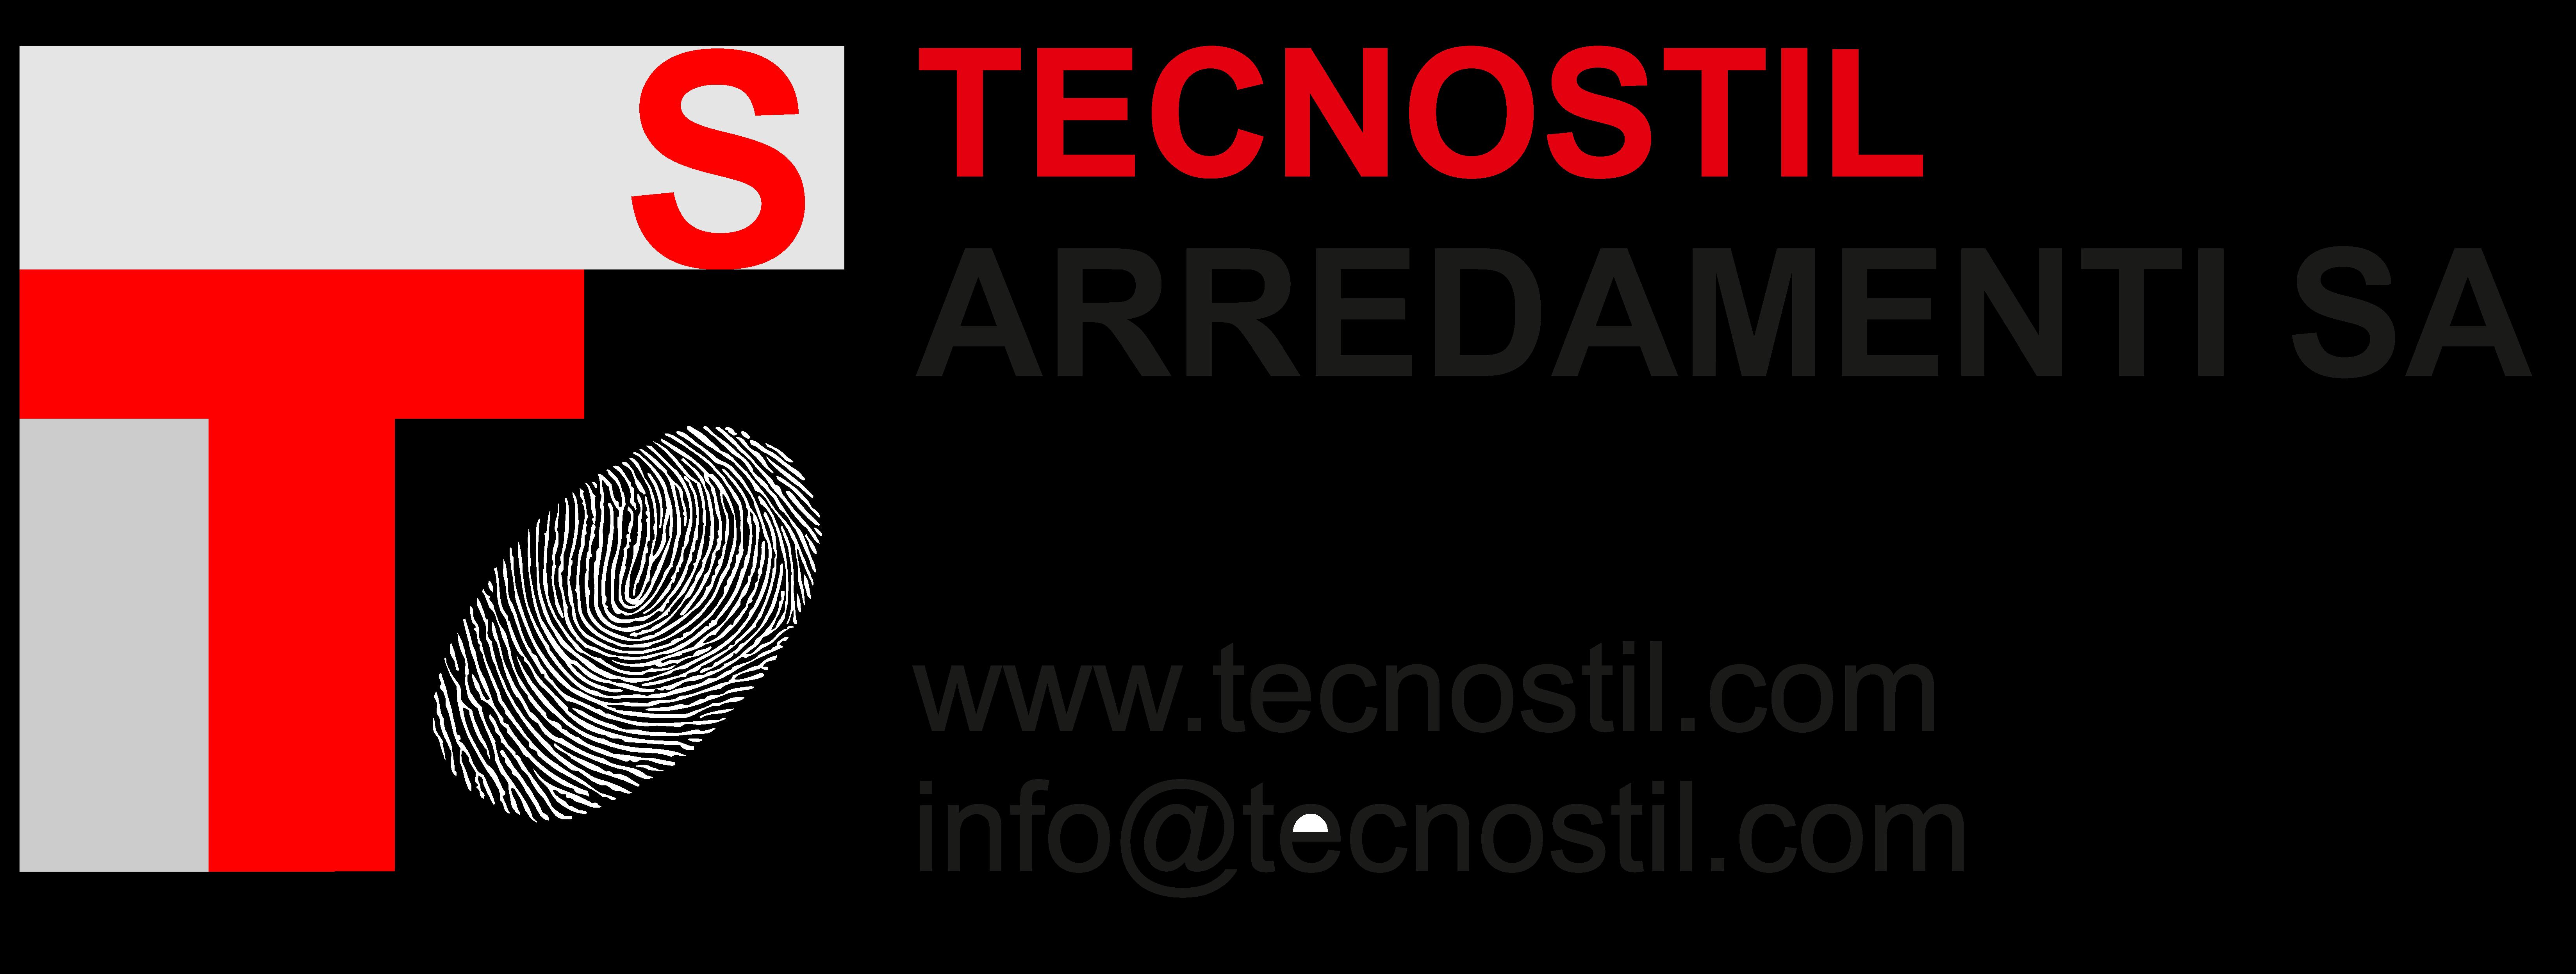 Tecnostil Arredamenti SA sponsor logo